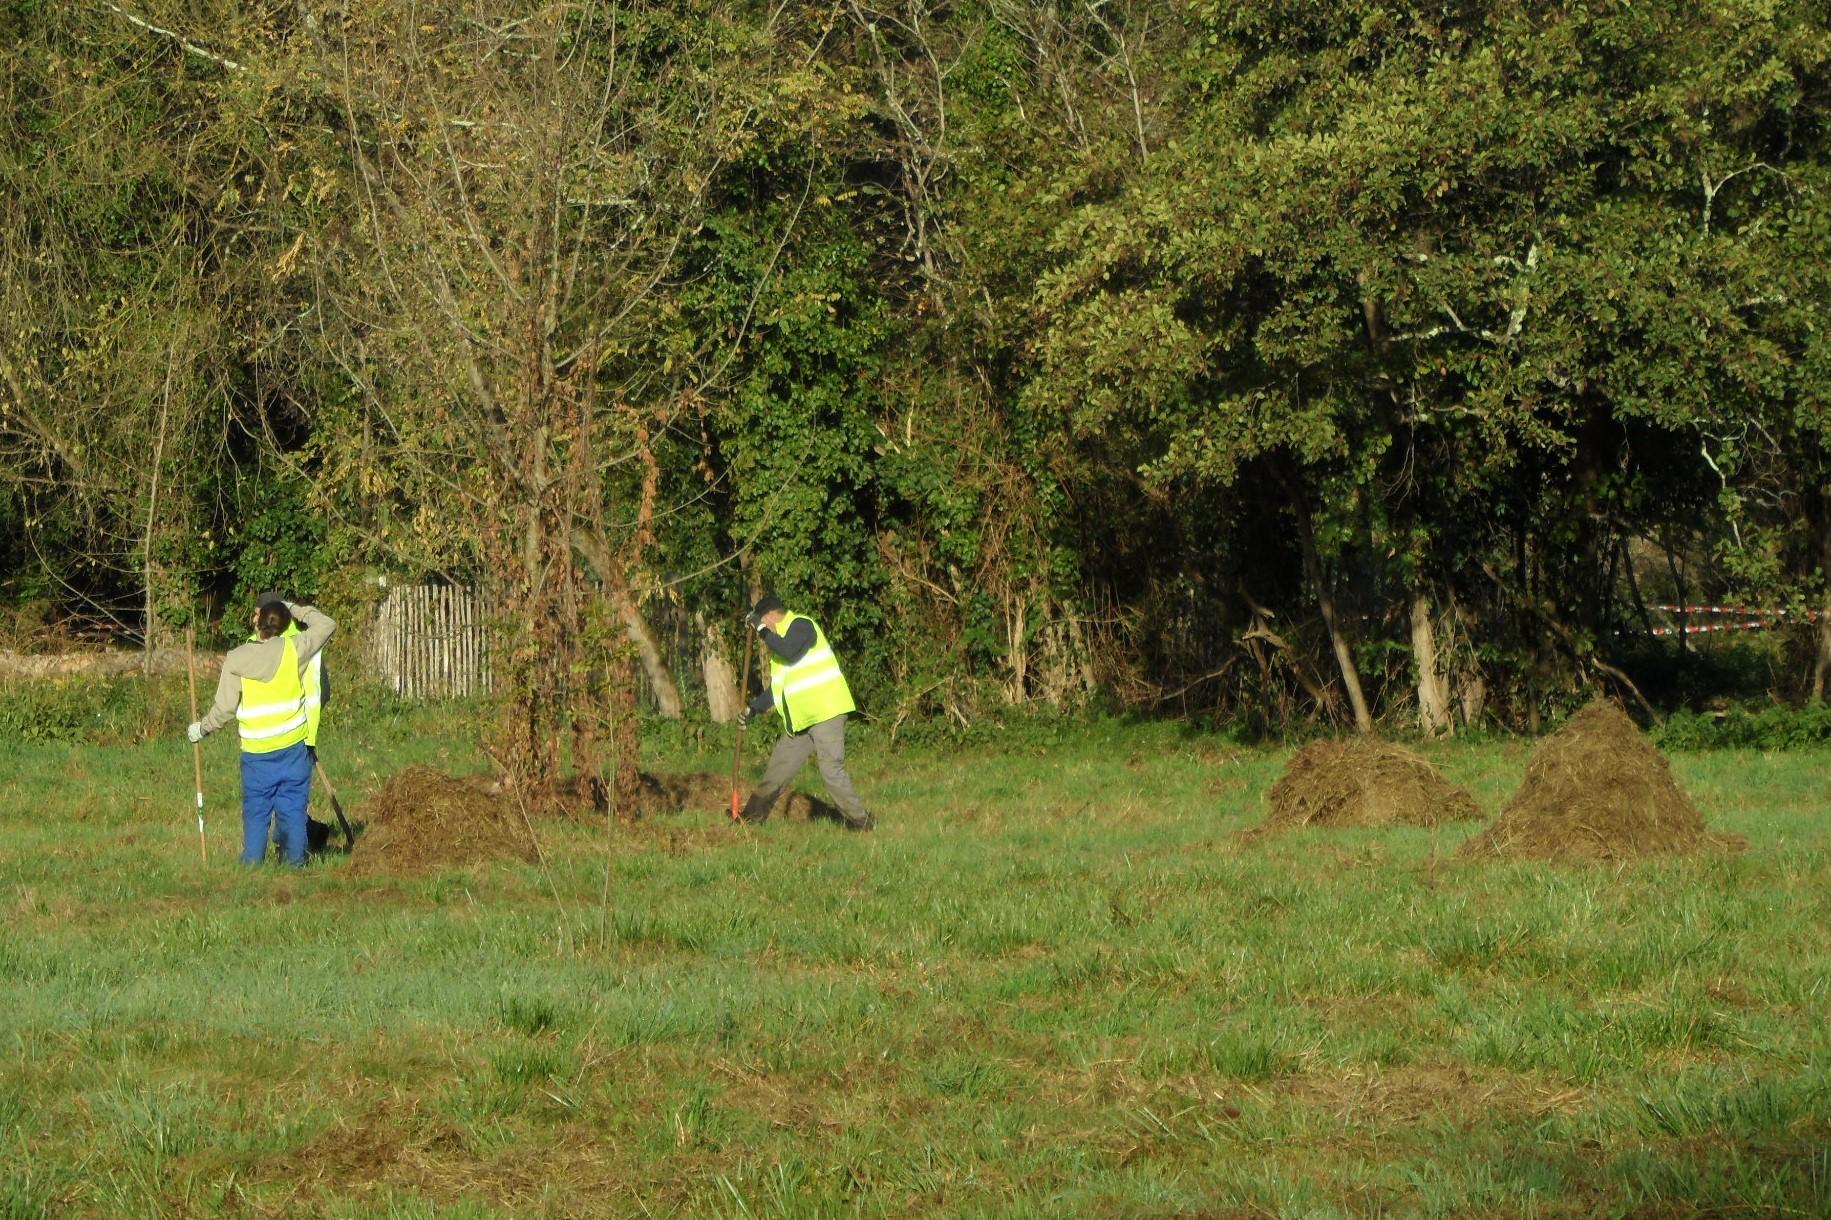 Restauration de zones humides - gestion différenciée